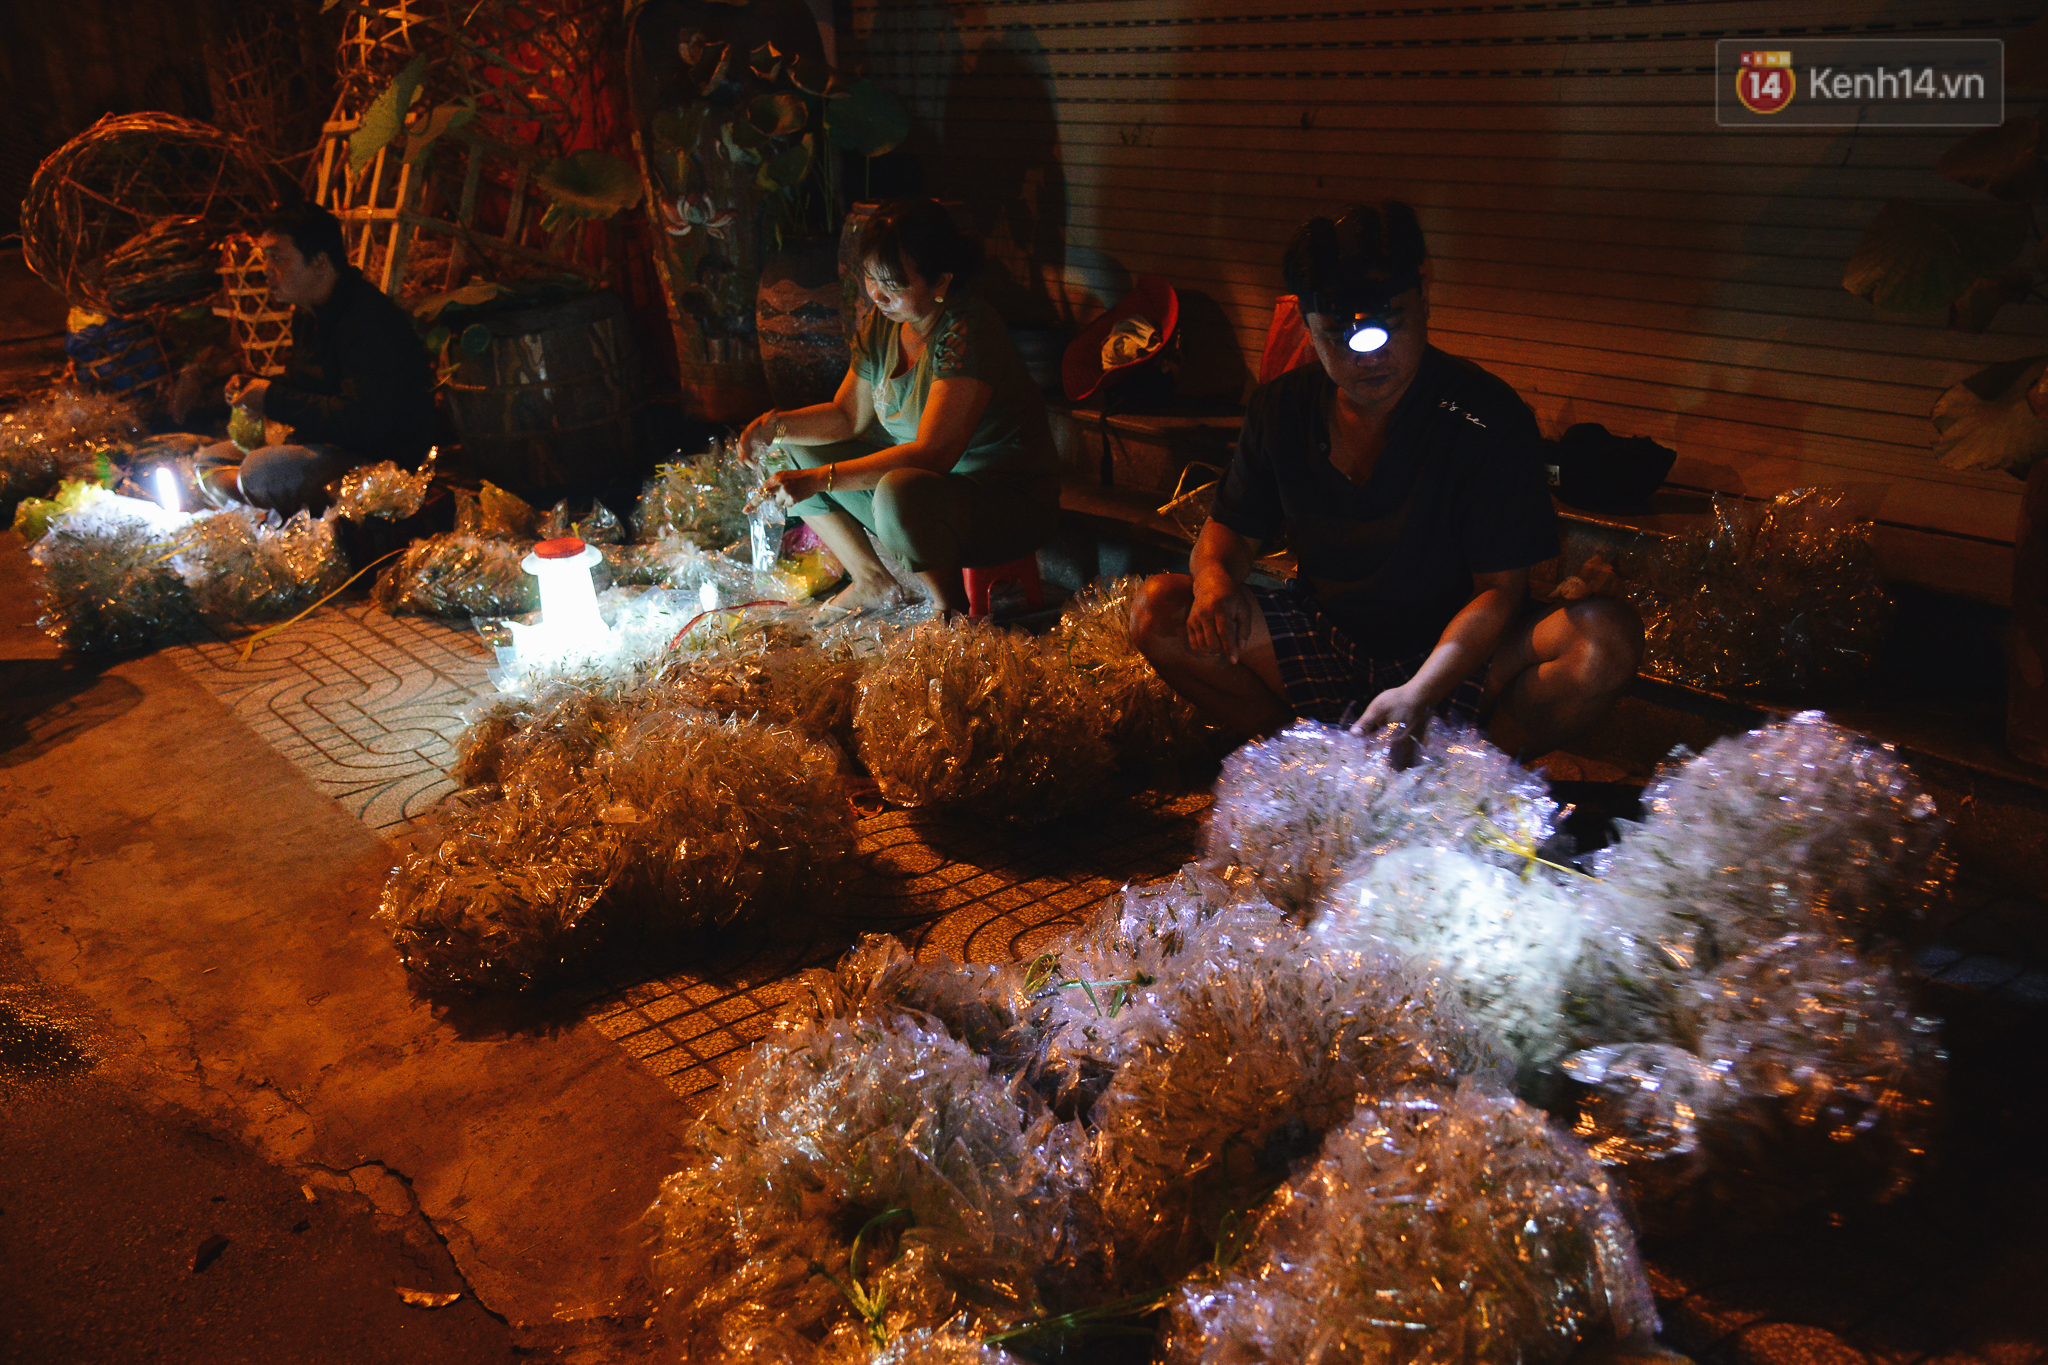 Cận cảnh chợ côn trùng độc nhất Sài Gòn, mỗi ngày chỉ họp đúng 2 tiếng lúc nửa đêm - Ảnh 3.